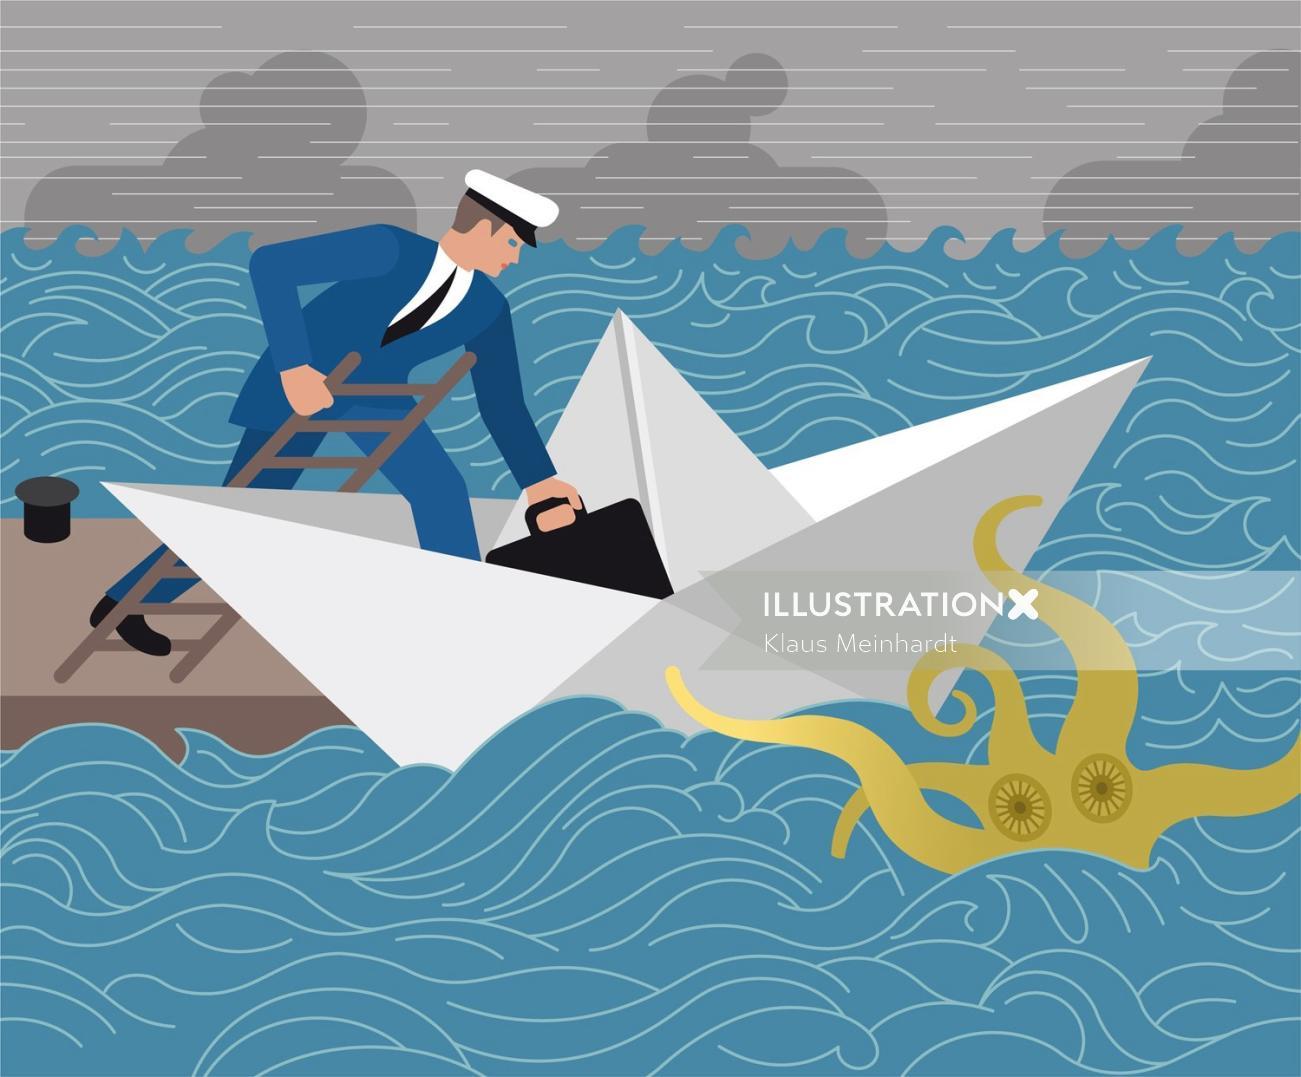 Man boarding paper boat